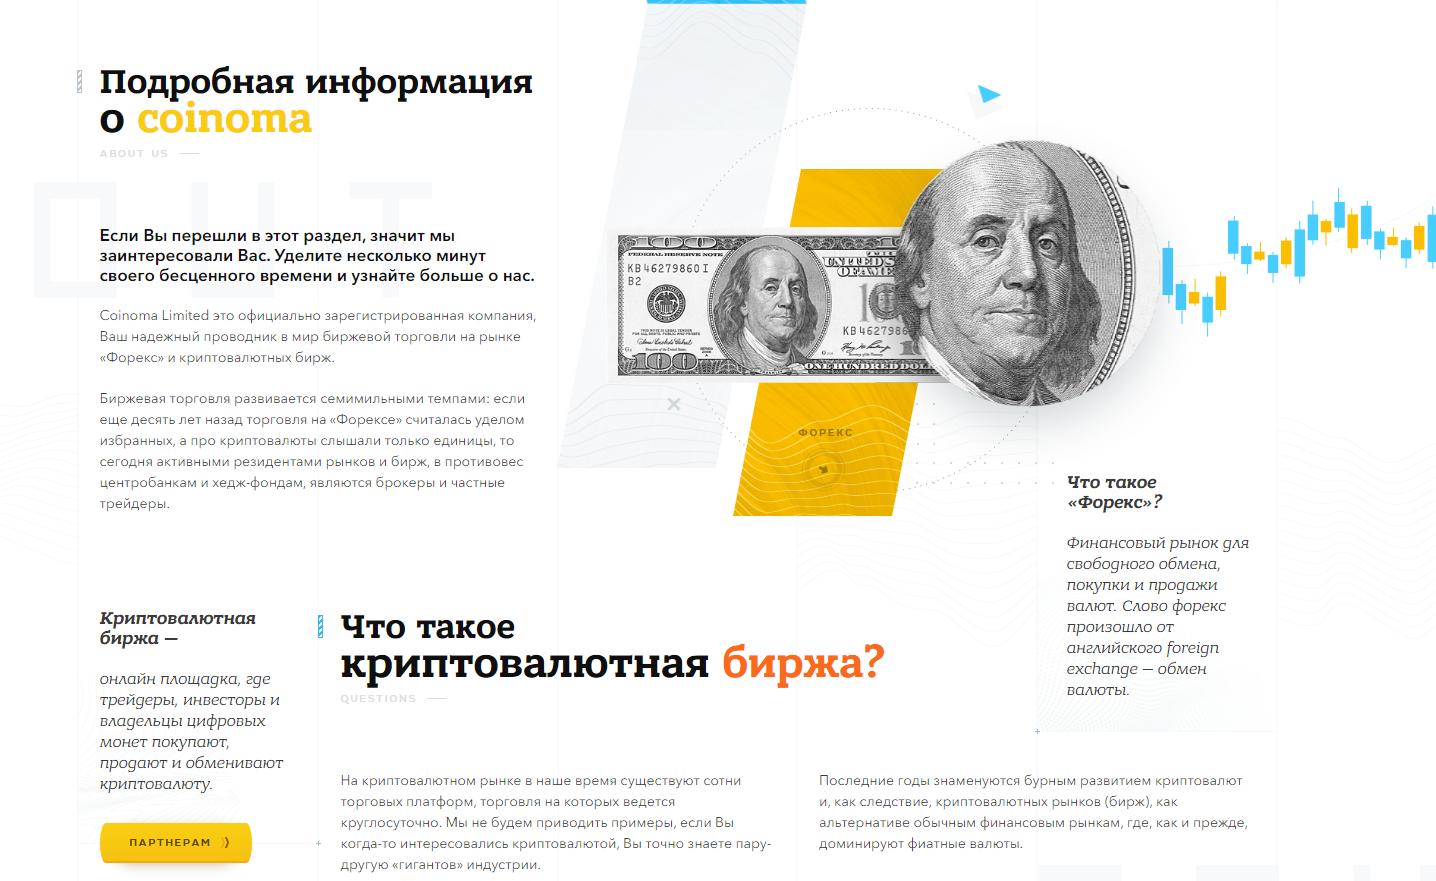 Обзор инвестиционного проекта Coinoma: тарифные планы и отзывы клиентов